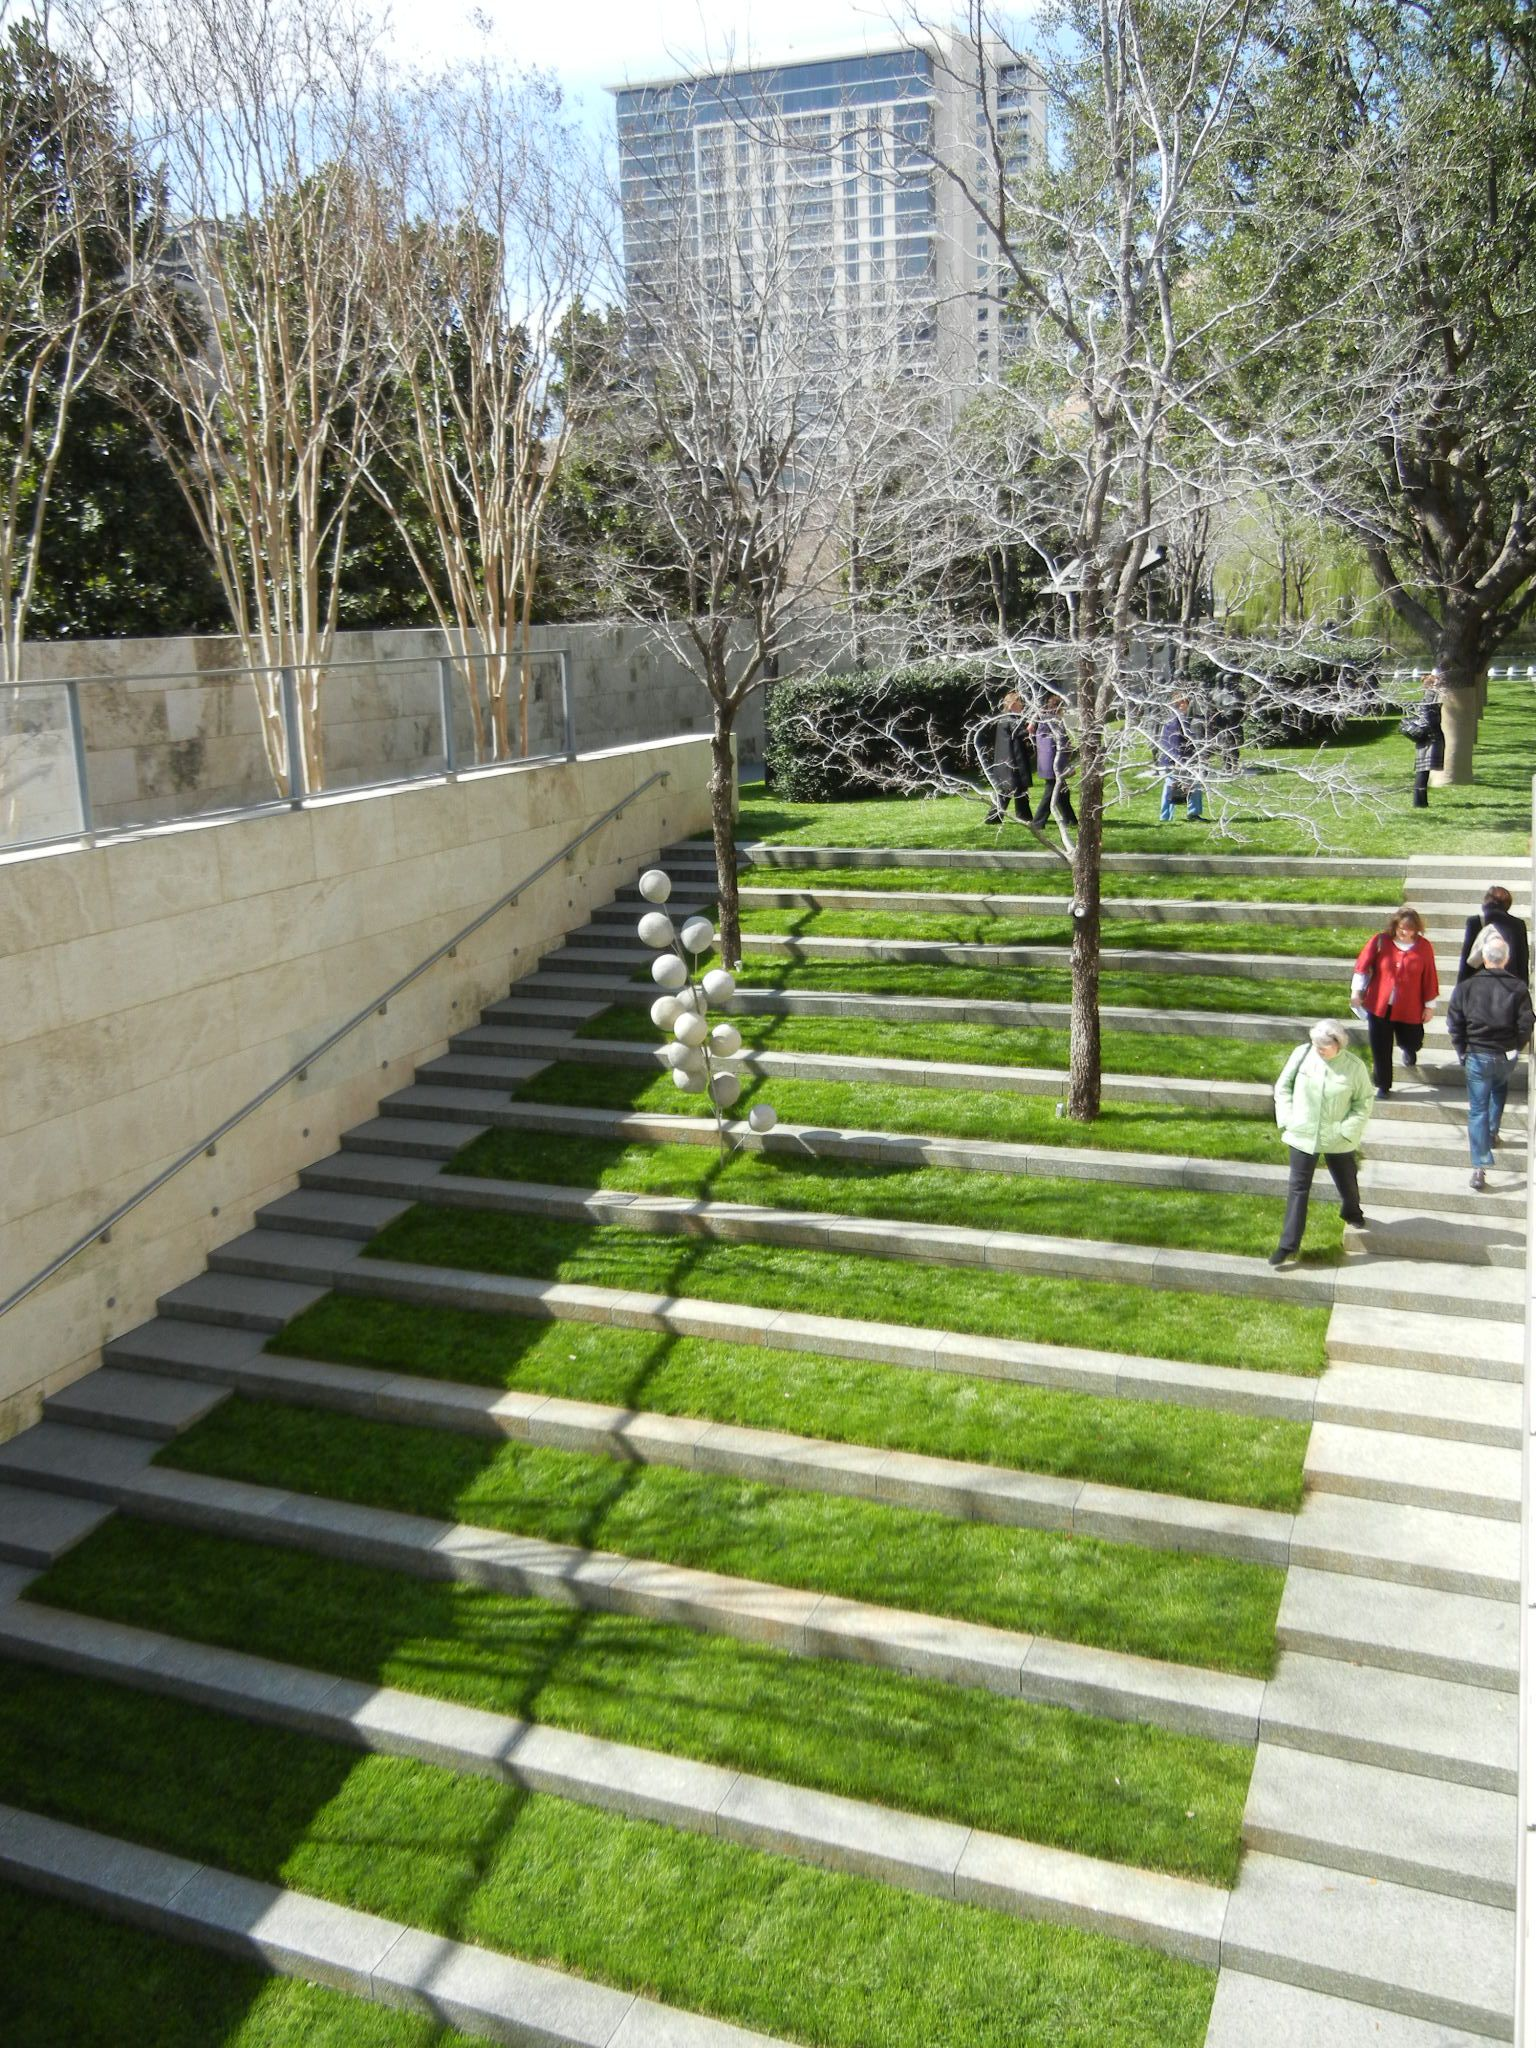 Cool Grass Steps For Dog RunNasher Sculpture Garden